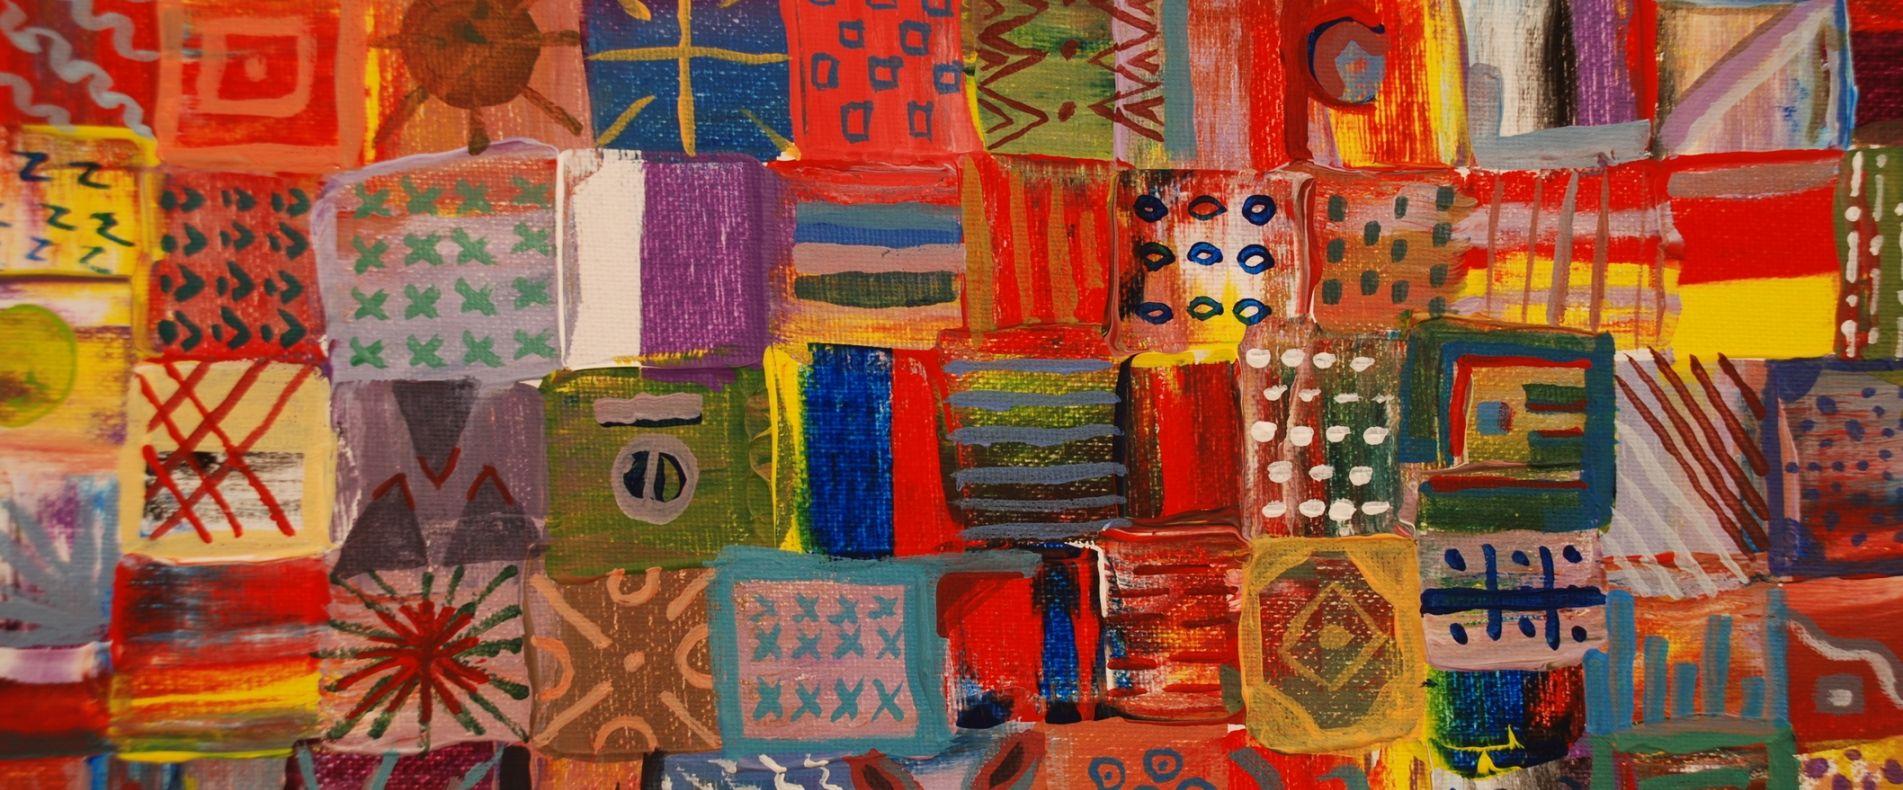 Quilt Image - 021012 3